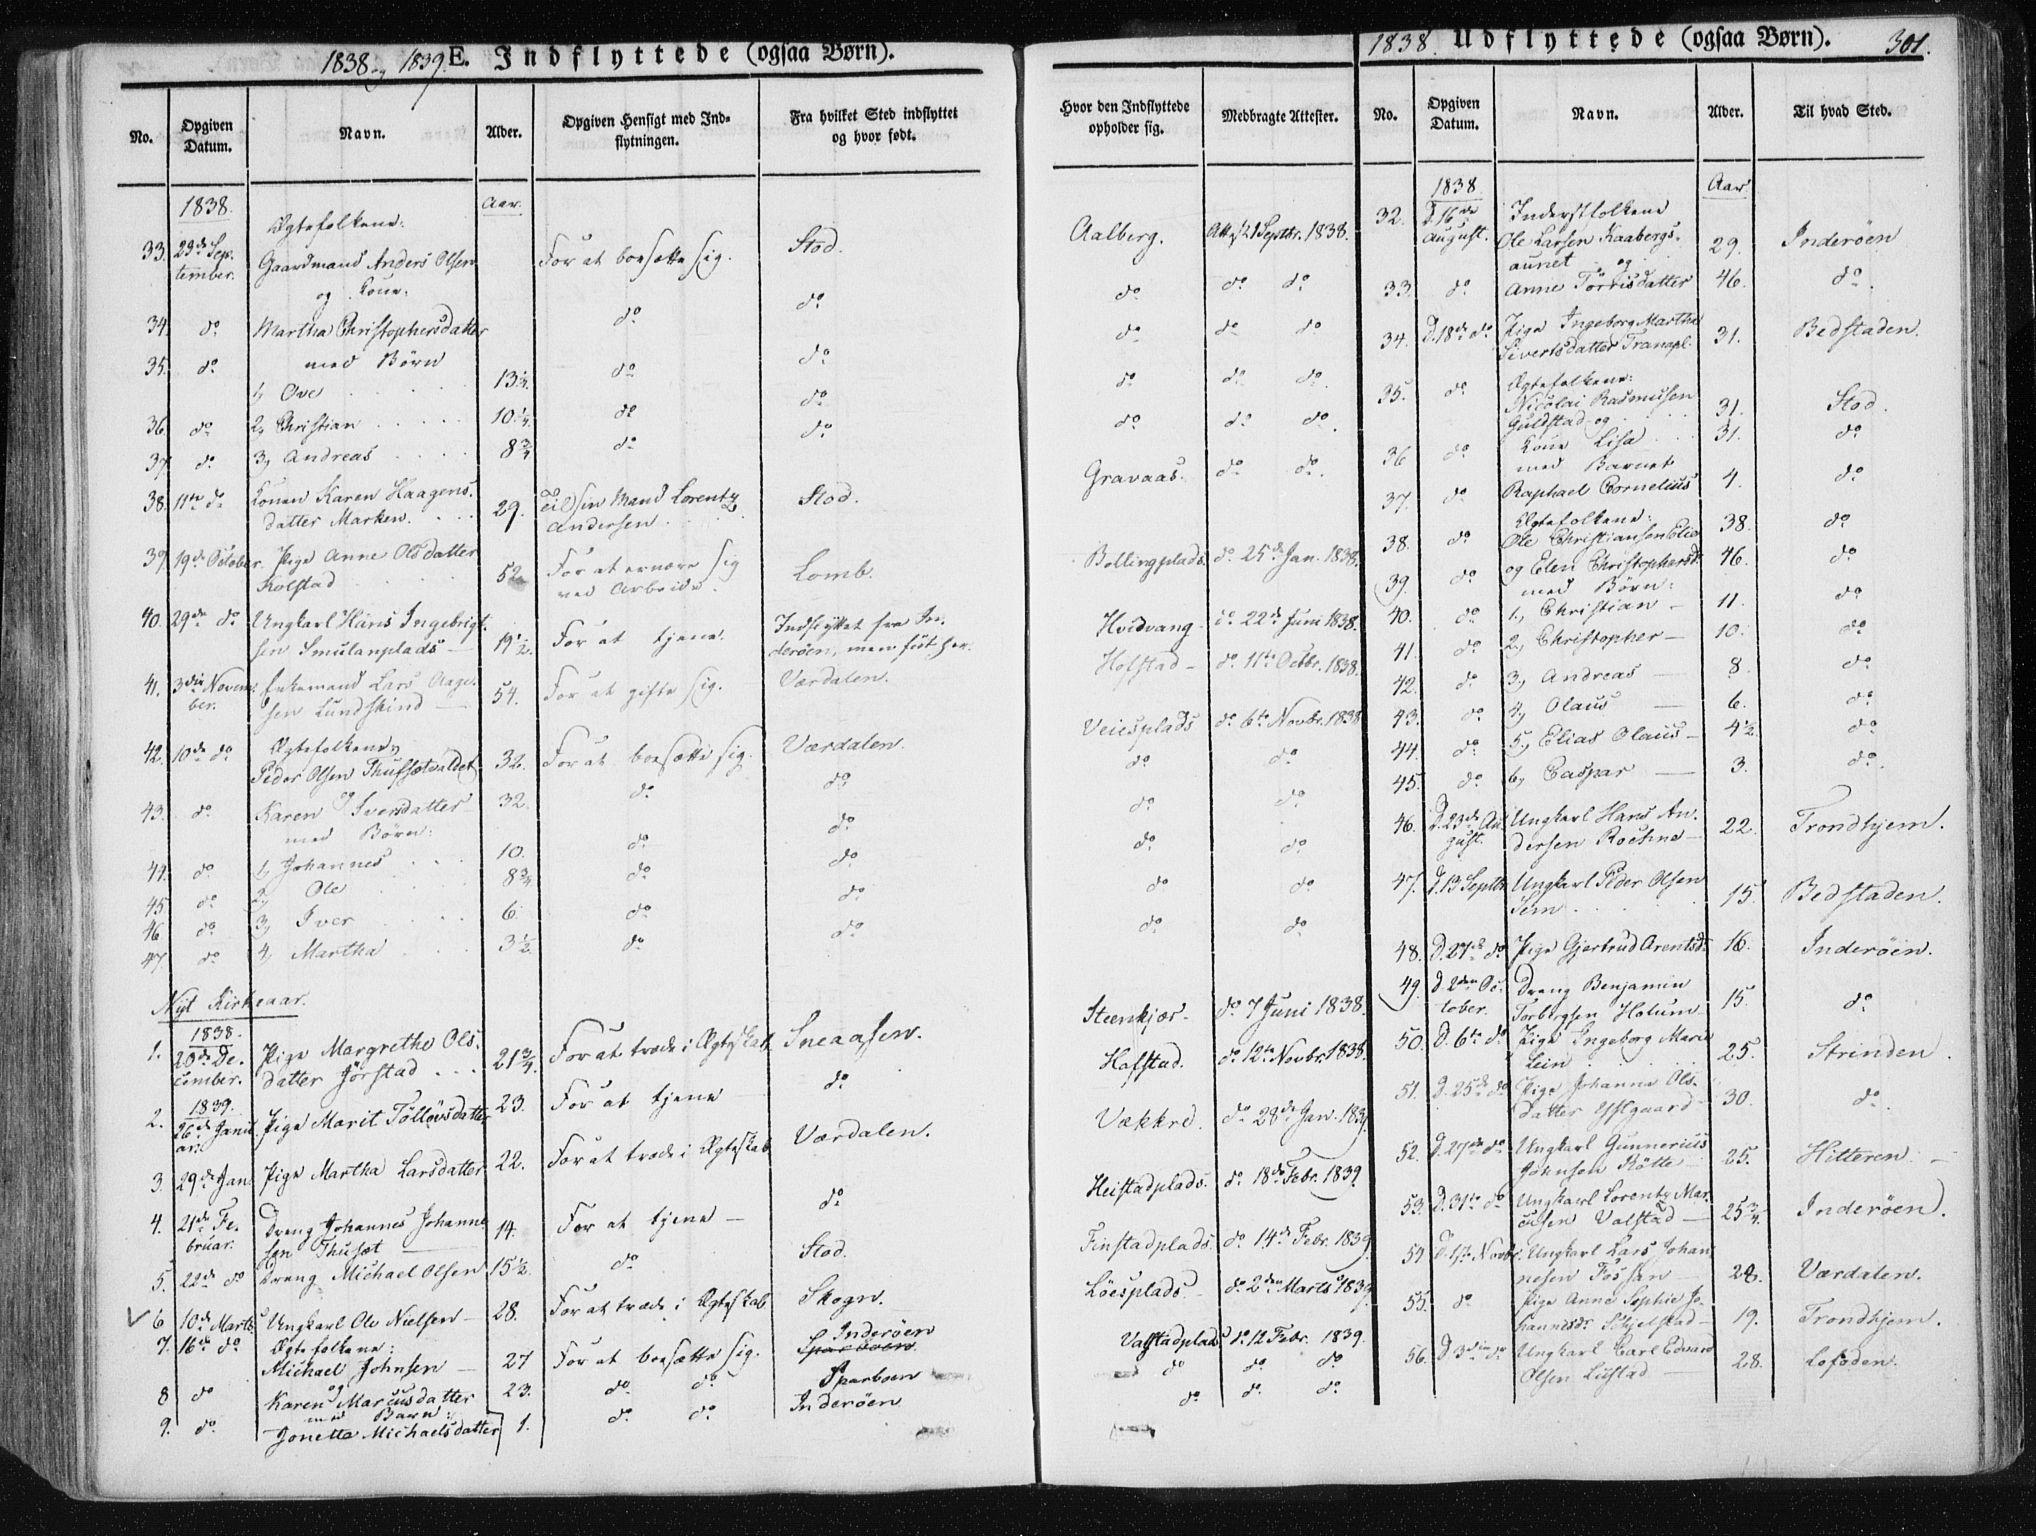 SAT, Ministerialprotokoller, klokkerbøker og fødselsregistre - Nord-Trøndelag, 735/L0339: Ministerialbok nr. 735A06 /1, 1836-1848, s. 301